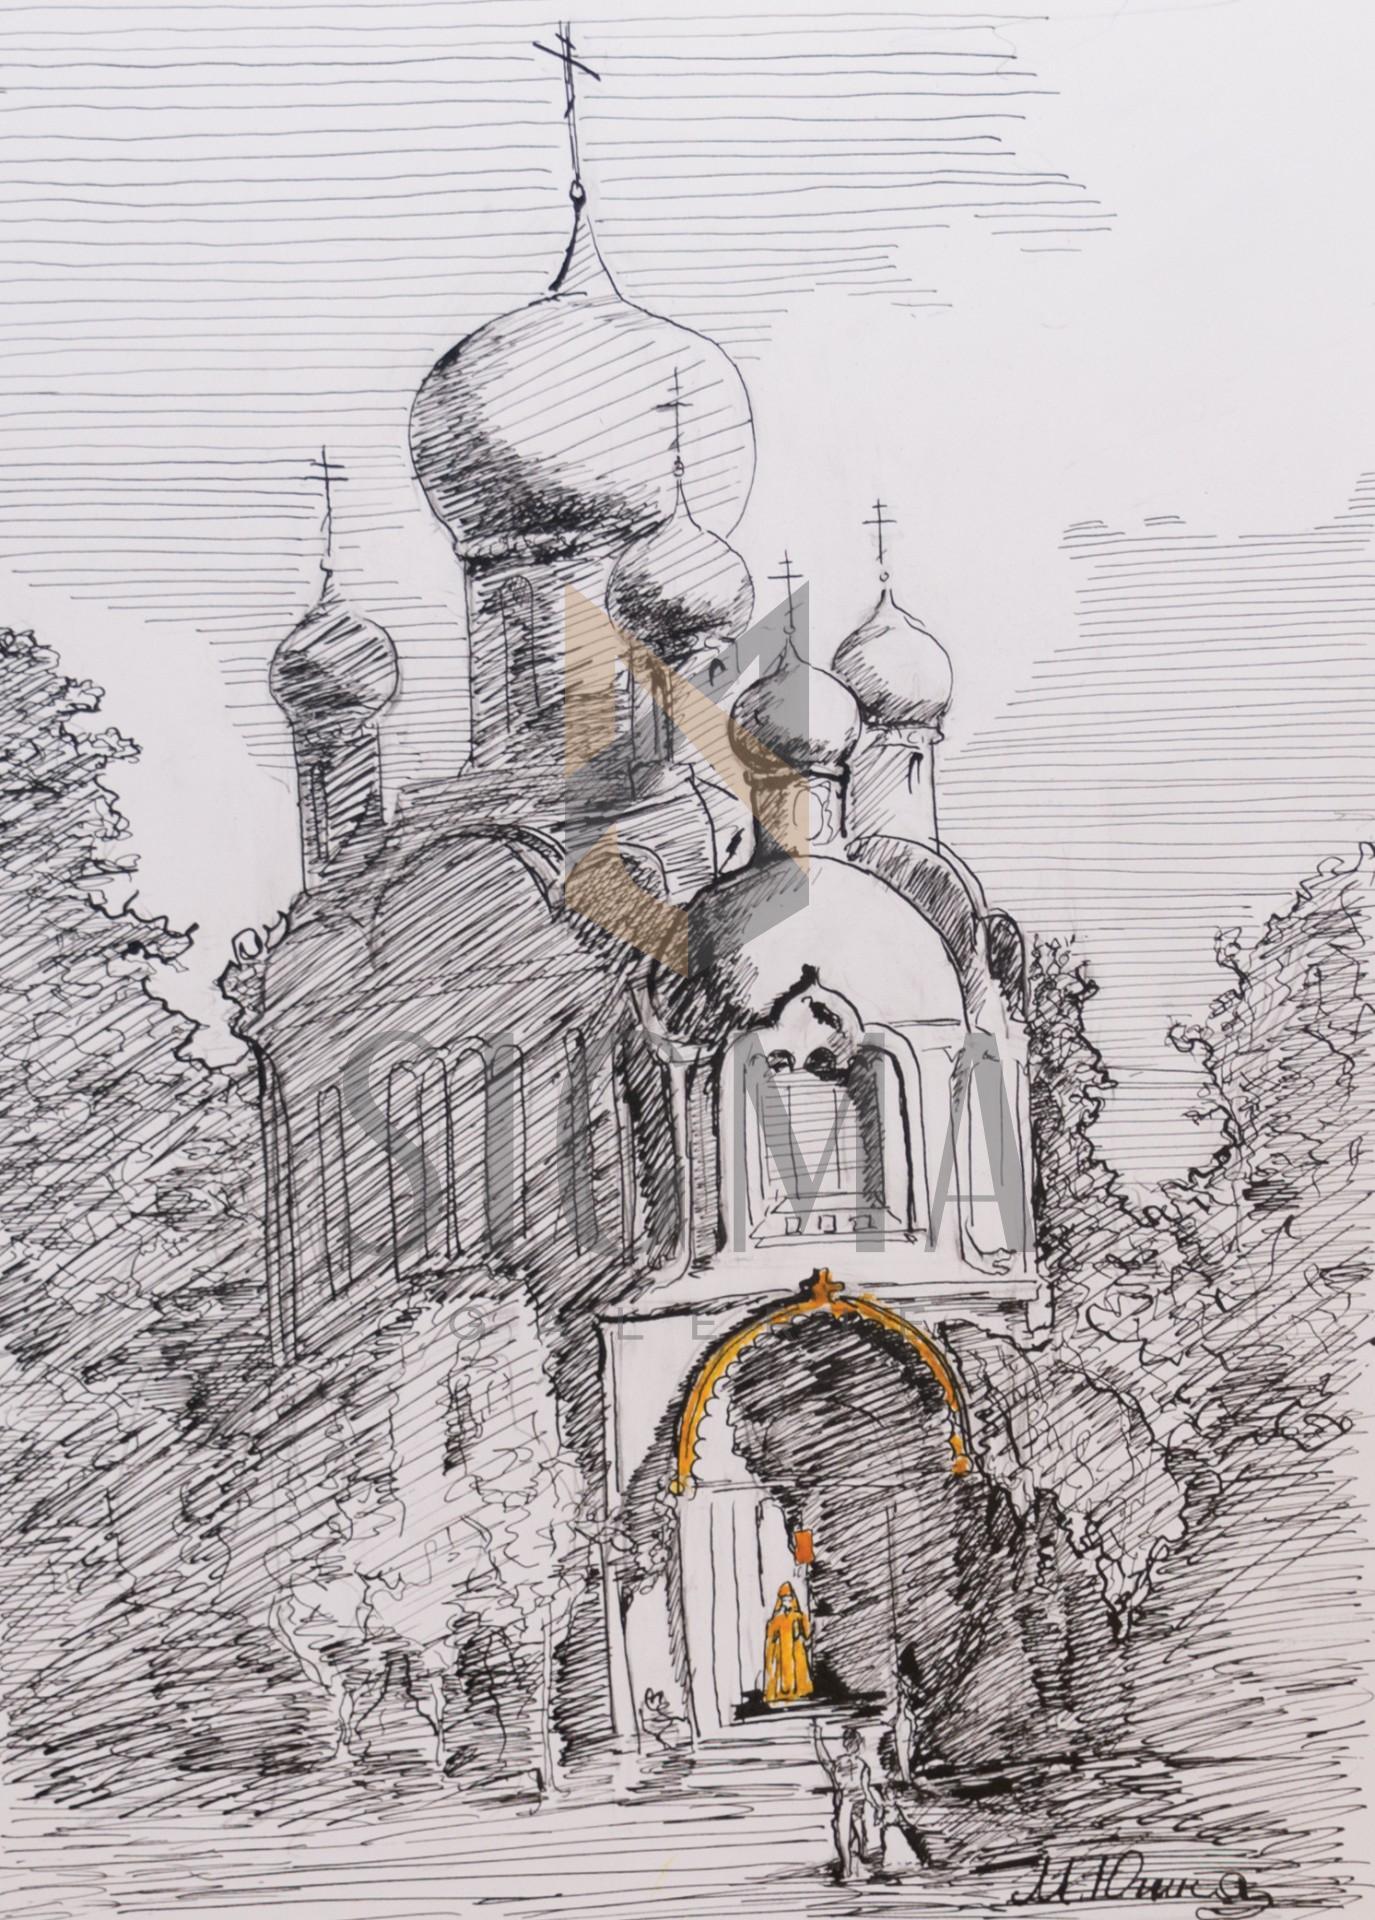 Tablou, Mariia Yughina, Biserica Rusa, tus, 30x21 cm